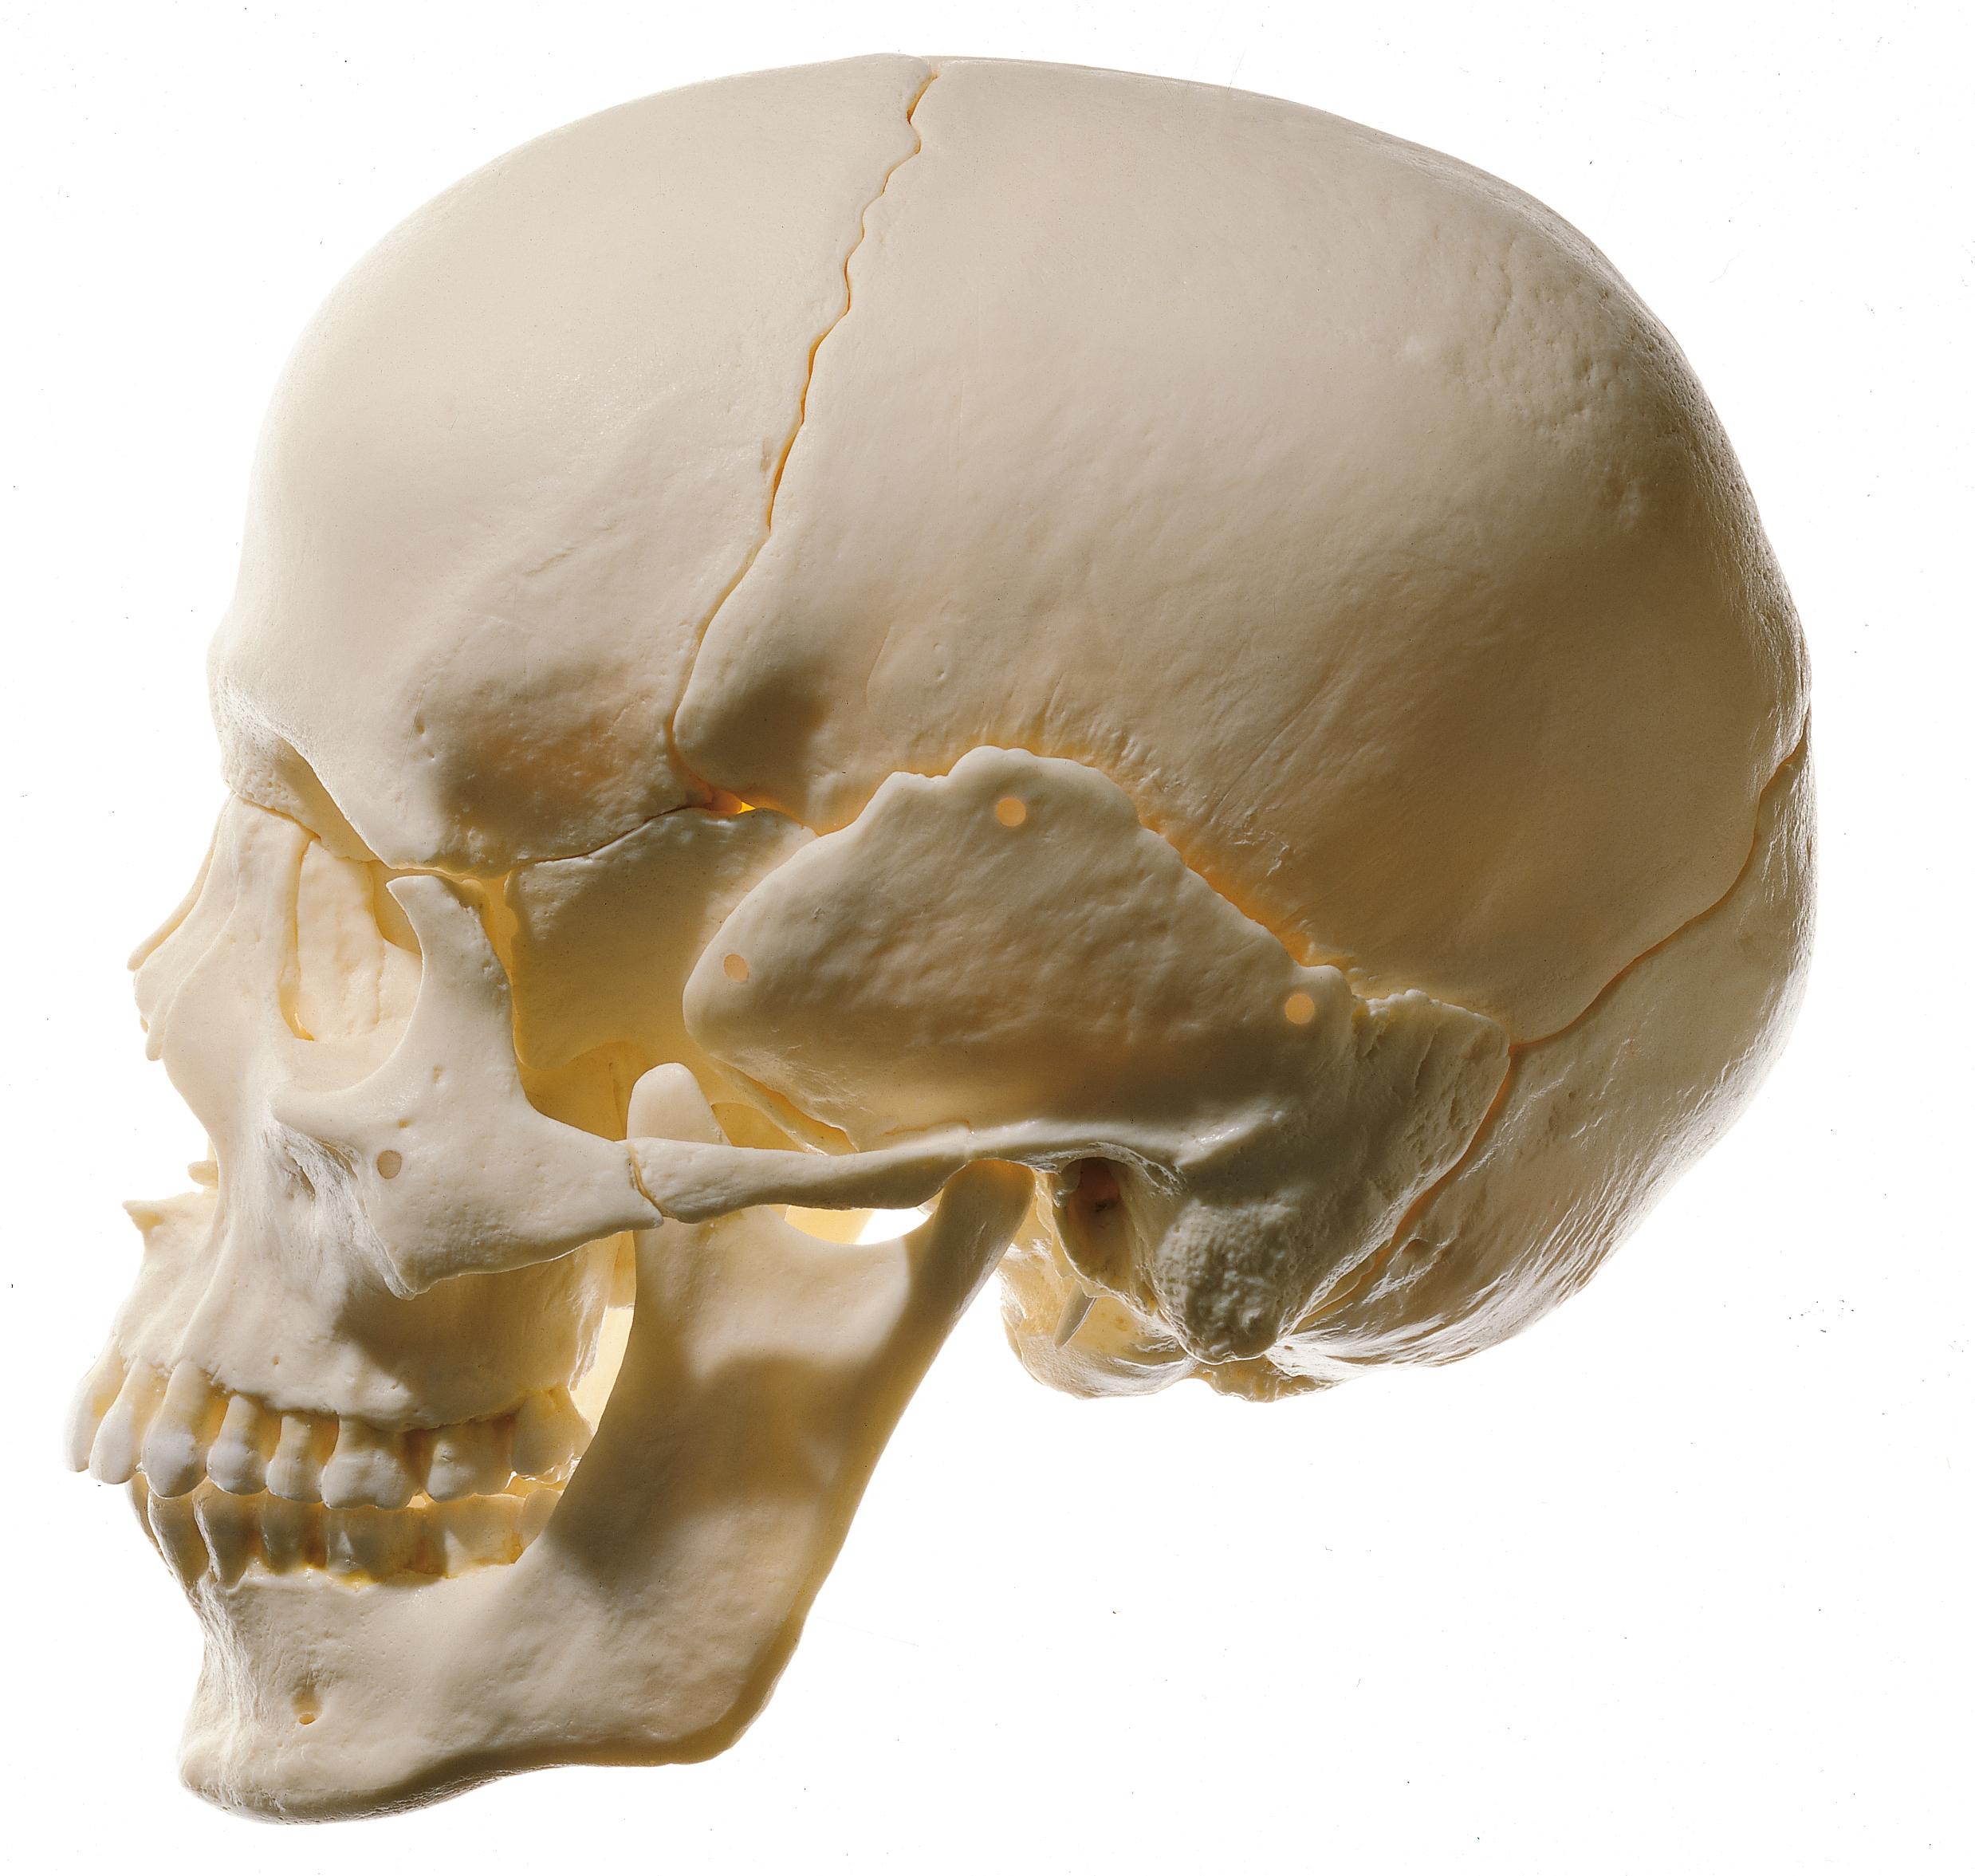 утро формы норм черепа человека фото печатающая головка распыляет